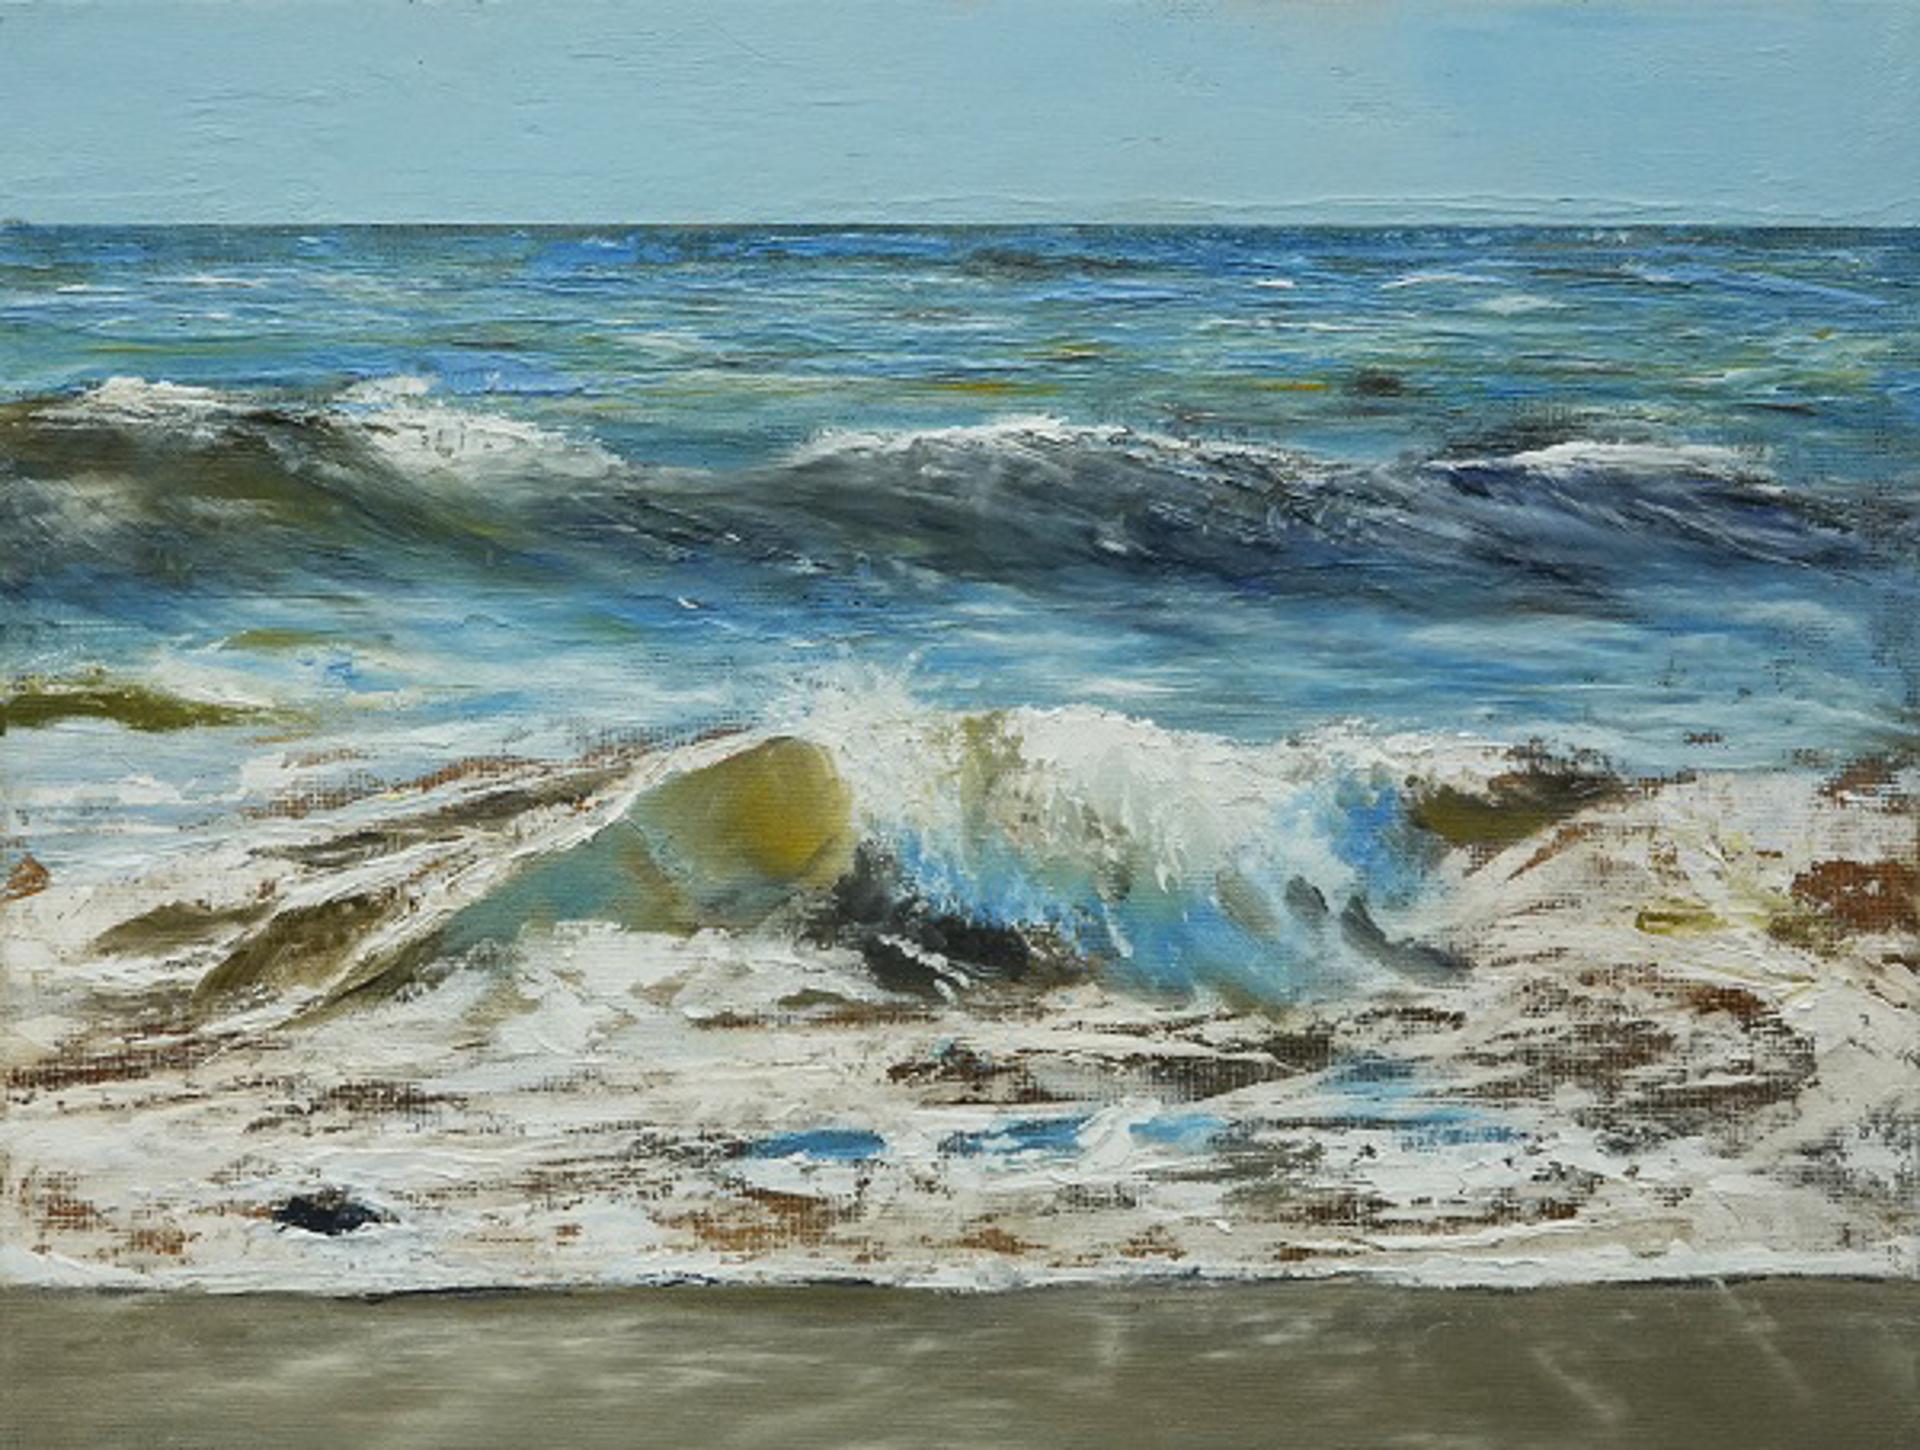 Blue Ocean by Silvia Belviso